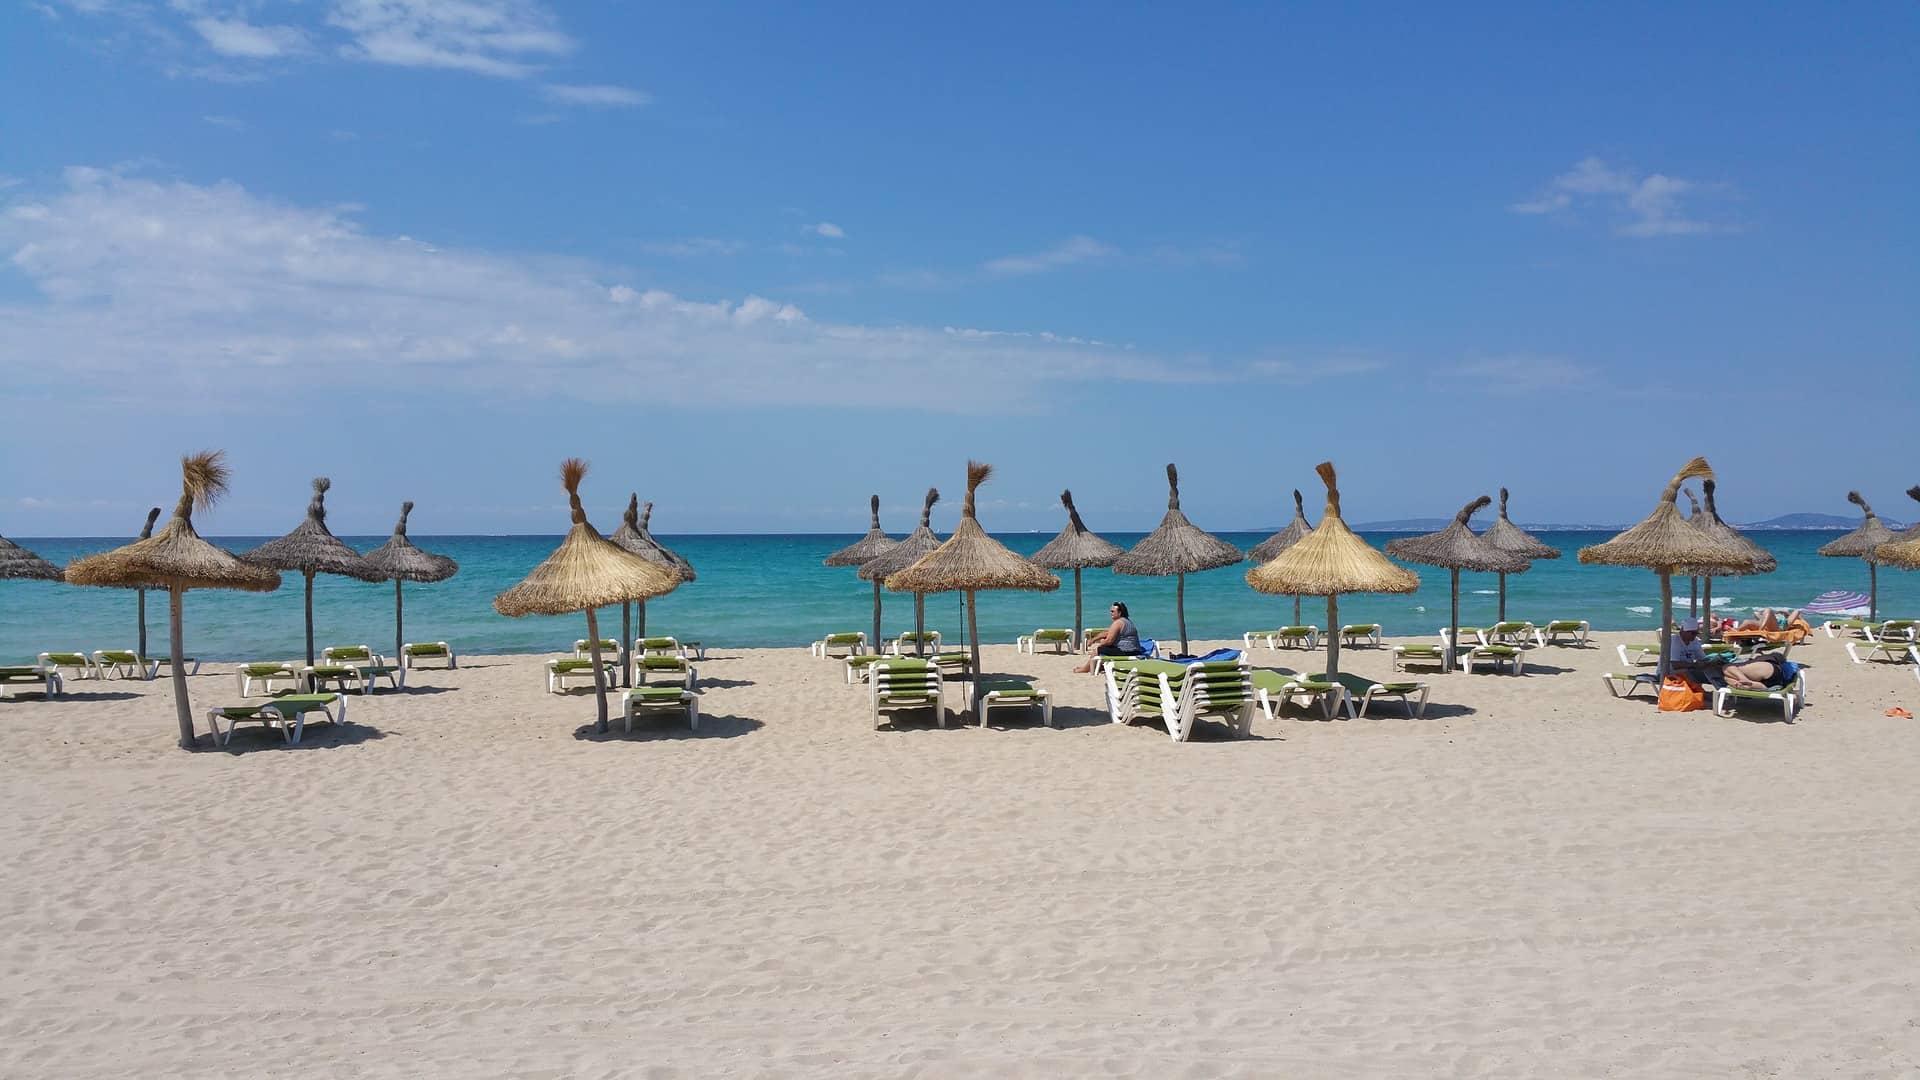 MLL Mediterranean Bay - nur 296,00€ All Inclusive Mallorca 4 Sterne